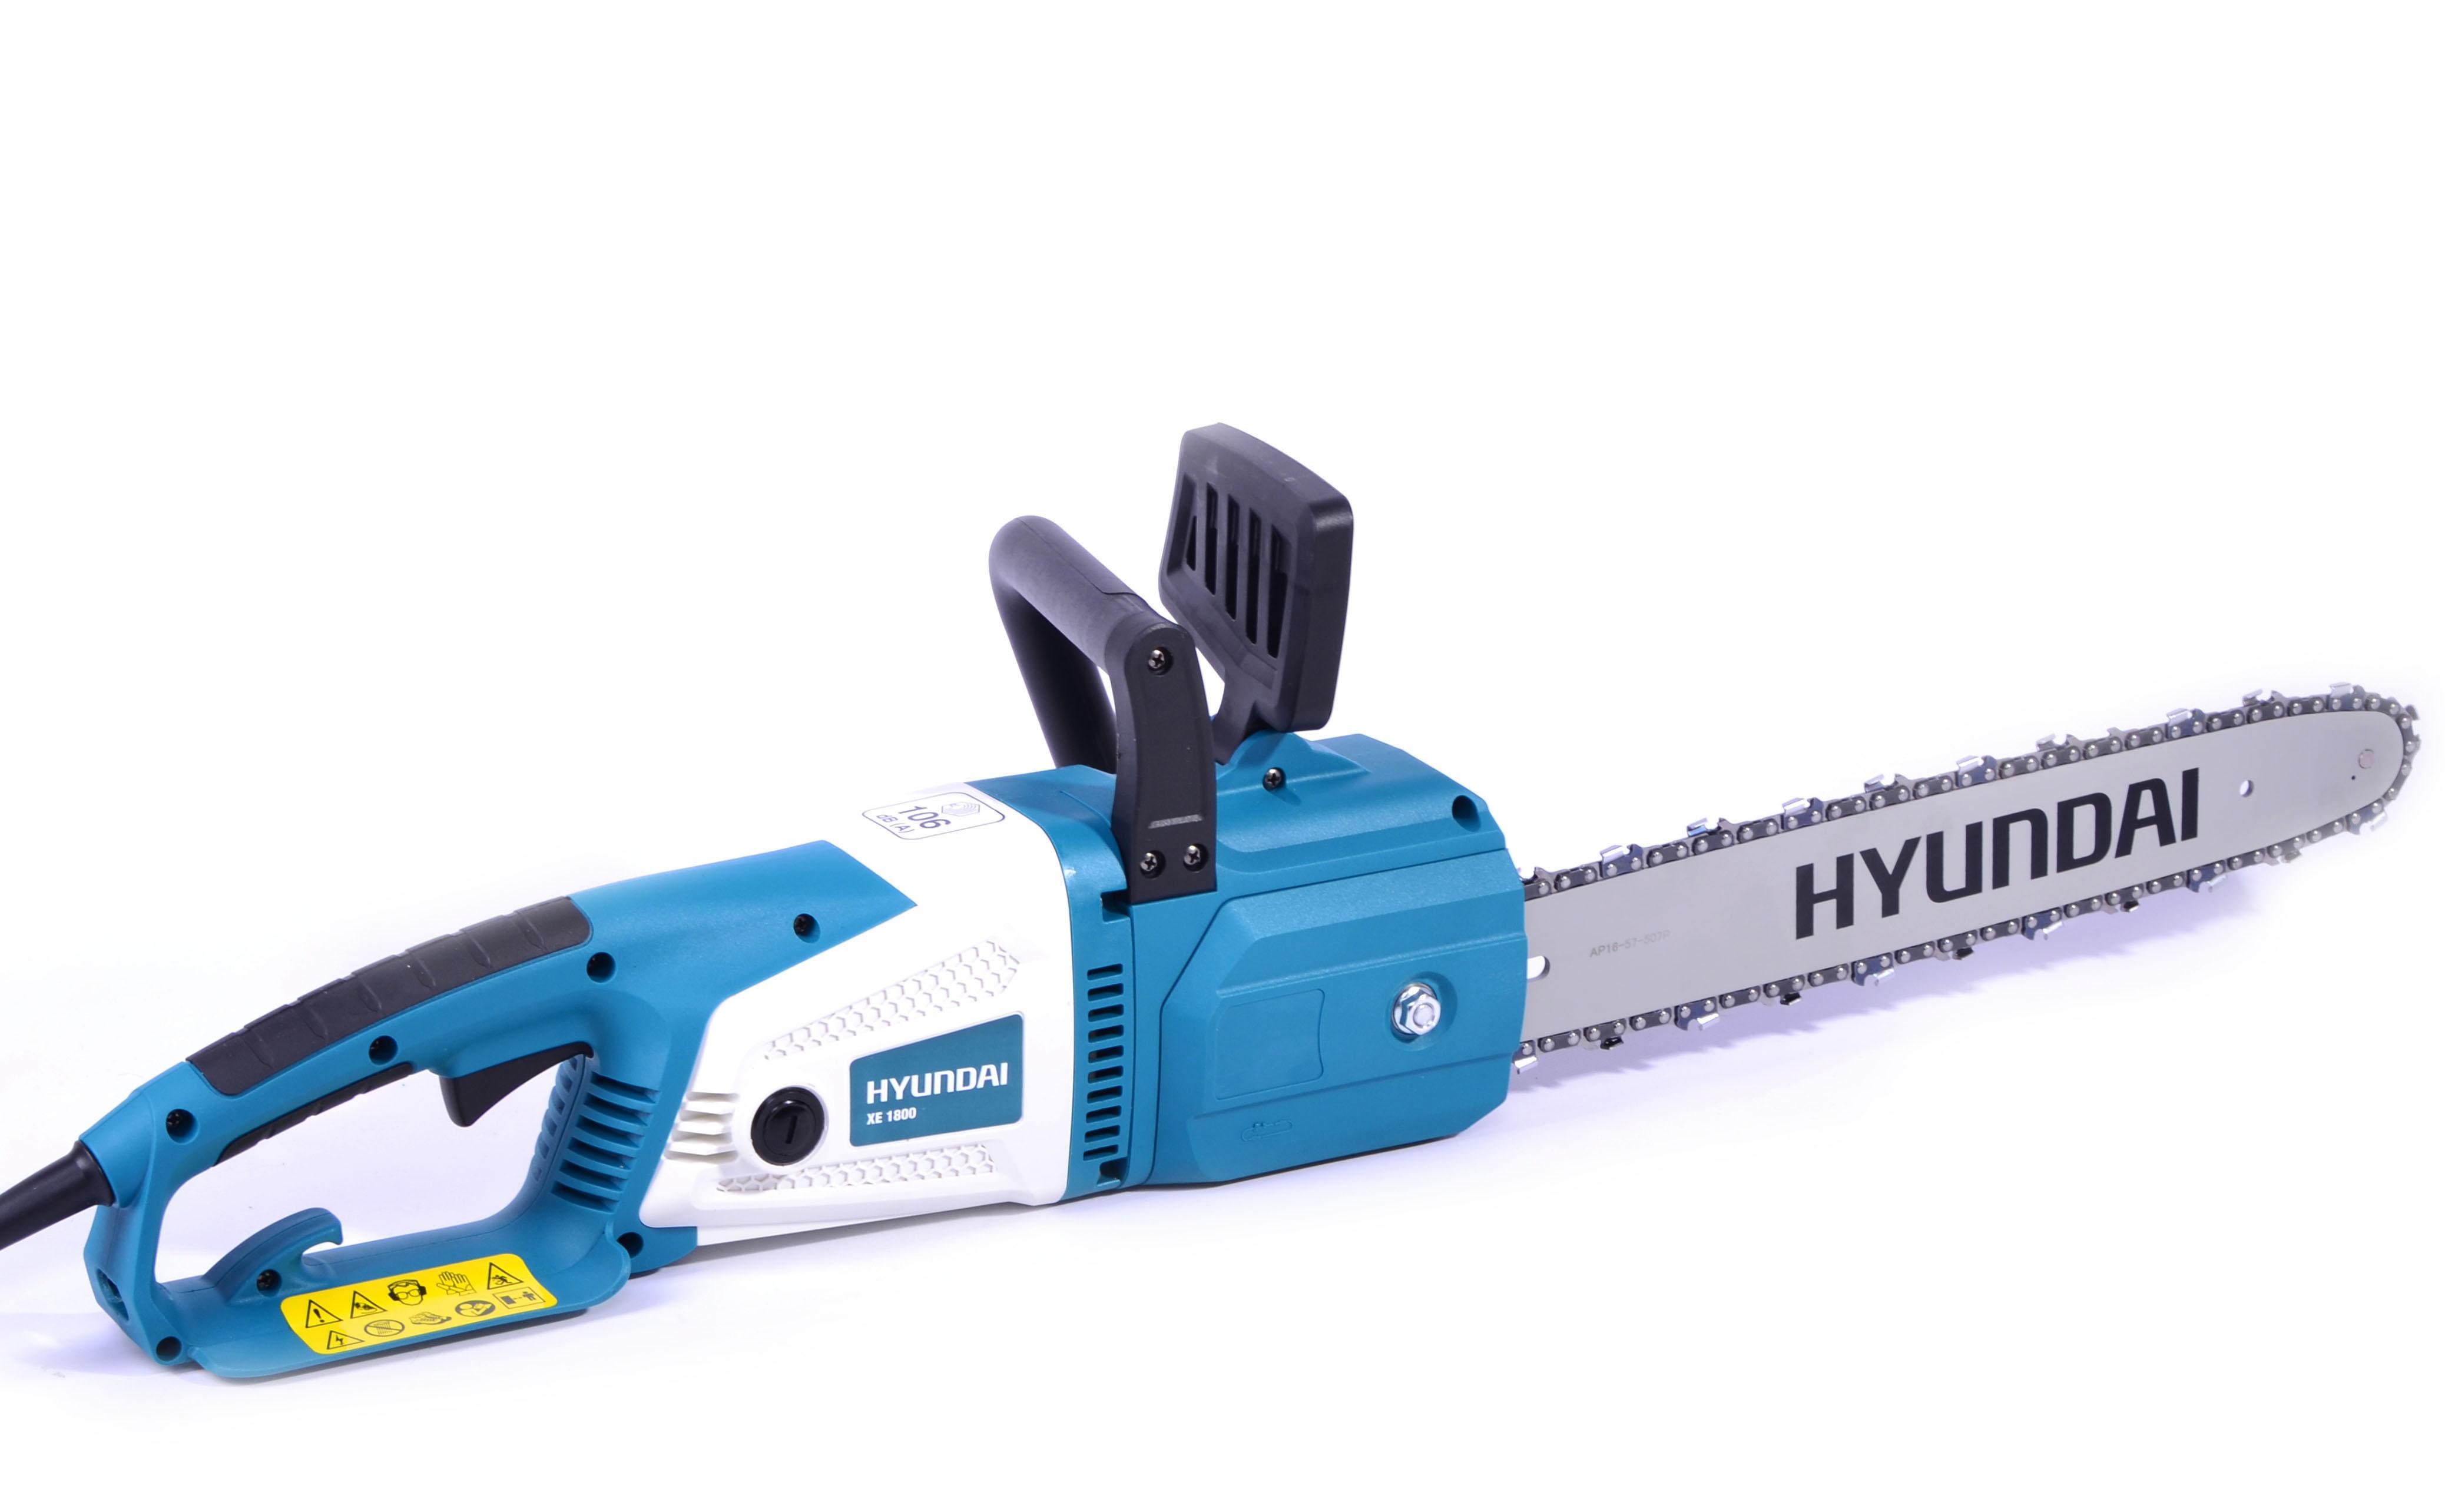 Электрическая цепная пила Hyundai XE 1800 High SpeedПилы<br>Hyundai ХЕ 1800 – это компактная и надежная цепная электропила, которая обеспечивает быстрый и аккуратный распил древесины различного диаметра. Стоит отметить небольшой вес и эргономичный дизайн, который позволяет работать с высокой маневренностью и контролировать точность распила. Данная модель оборудована двигателем мощностью 1800Вт, что вполне достаточно для длительной работы. Расположенный мотор продольно и работает от сети 220В, 50Гц. Для защиты двигателя предусмотрена система воздушного охлаждения.<br><br>Тип: электрическая цепная<br>Конструкция: ручная<br>Мощность, Вт: 1800